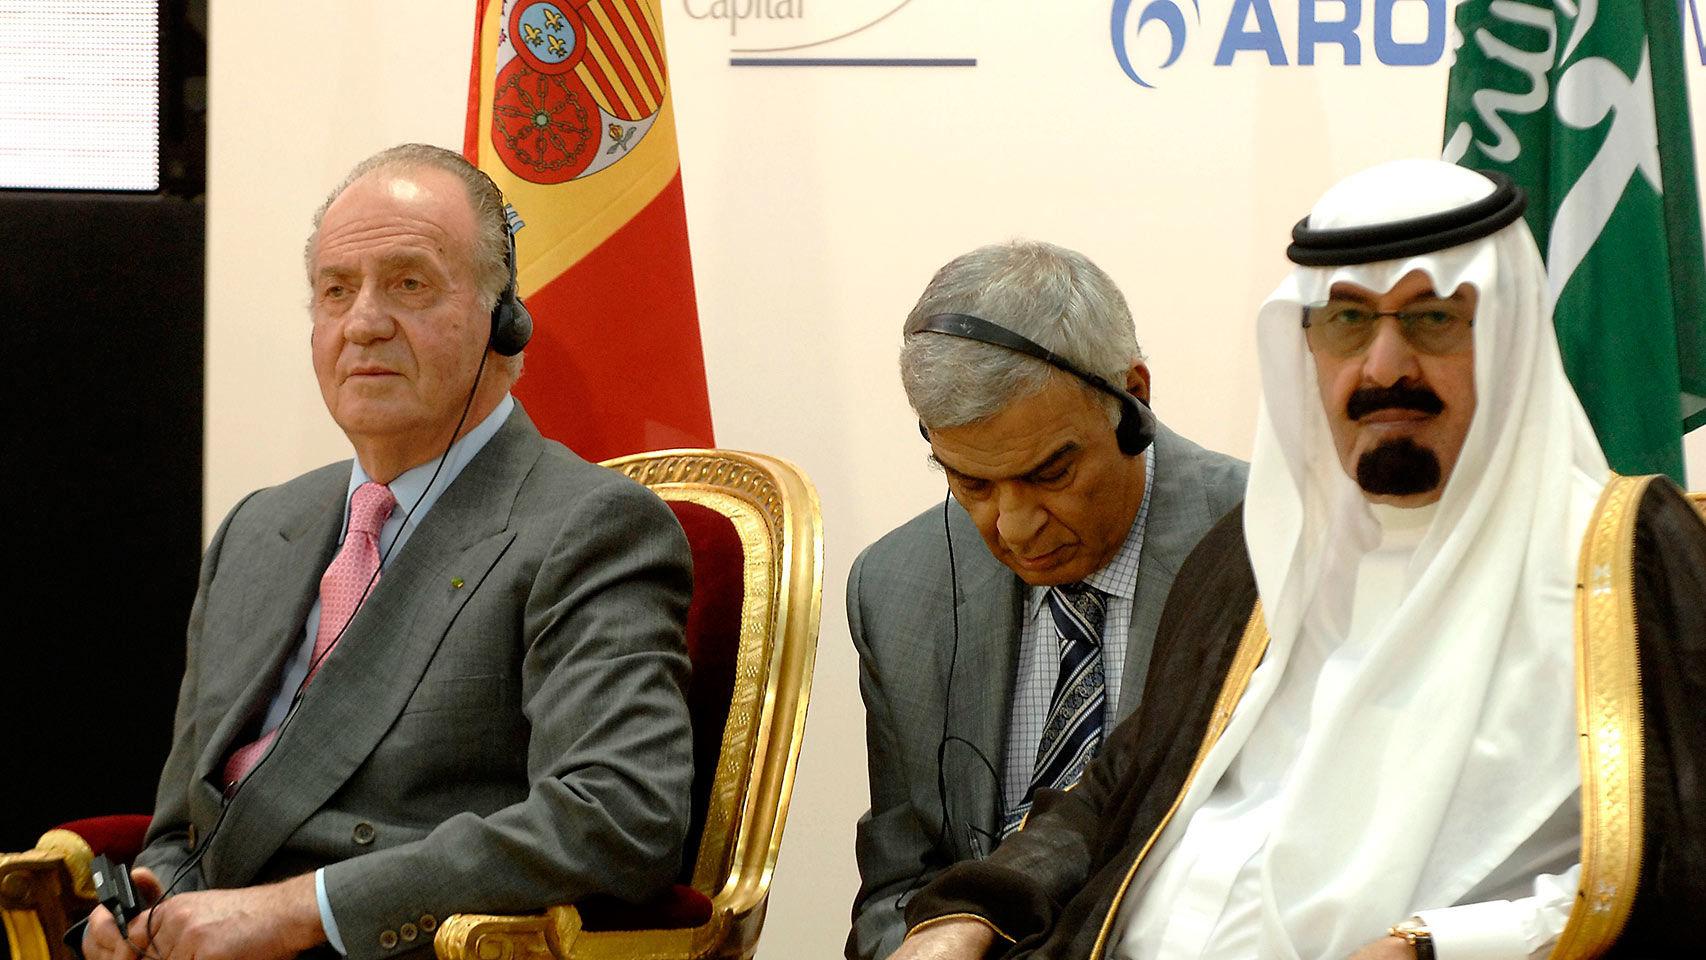 Fotografía de junio de 2007, del rey Juan Carlos y el rey de Arabia Saudí, Abdallah Bin Abdulaziz, durante la presentación del Fondo Hispano-Saudí de Infraestructuras. EFE